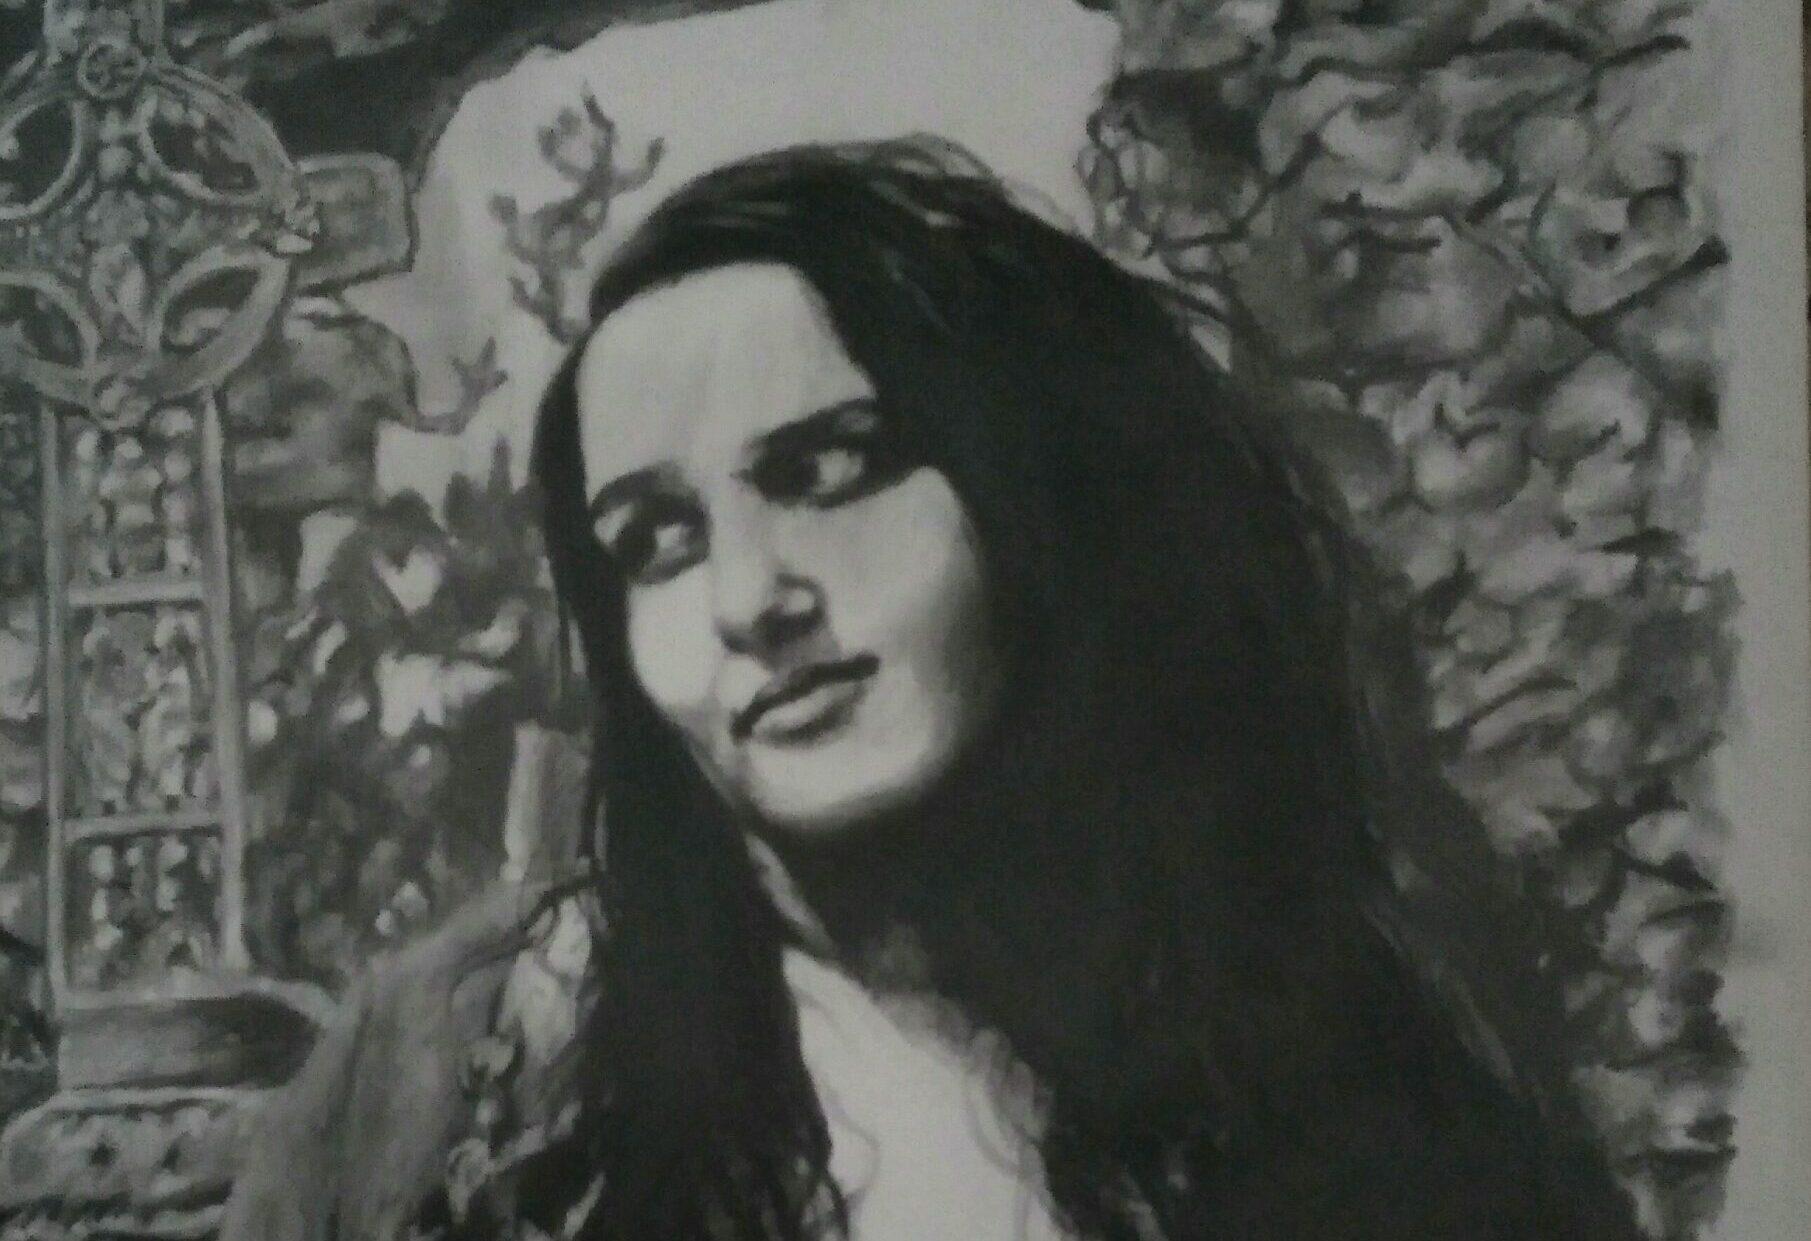 Giacomo Dimichino Disegno 2012 Matita su carta